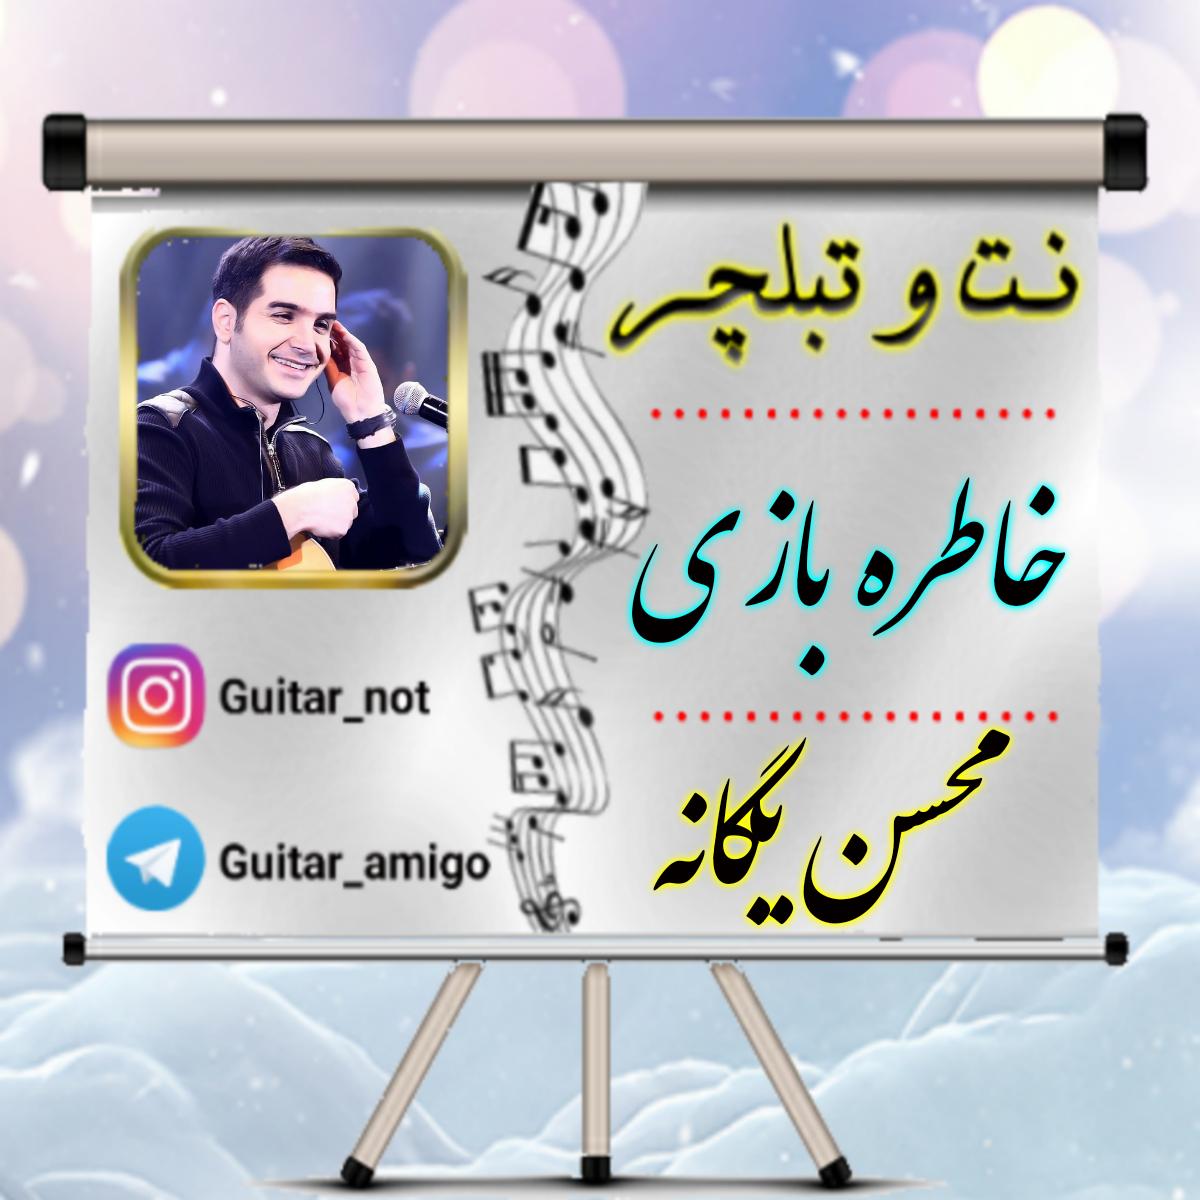 دانلود نت و تبلچر گیتار خاطره بازی محسن یگانه